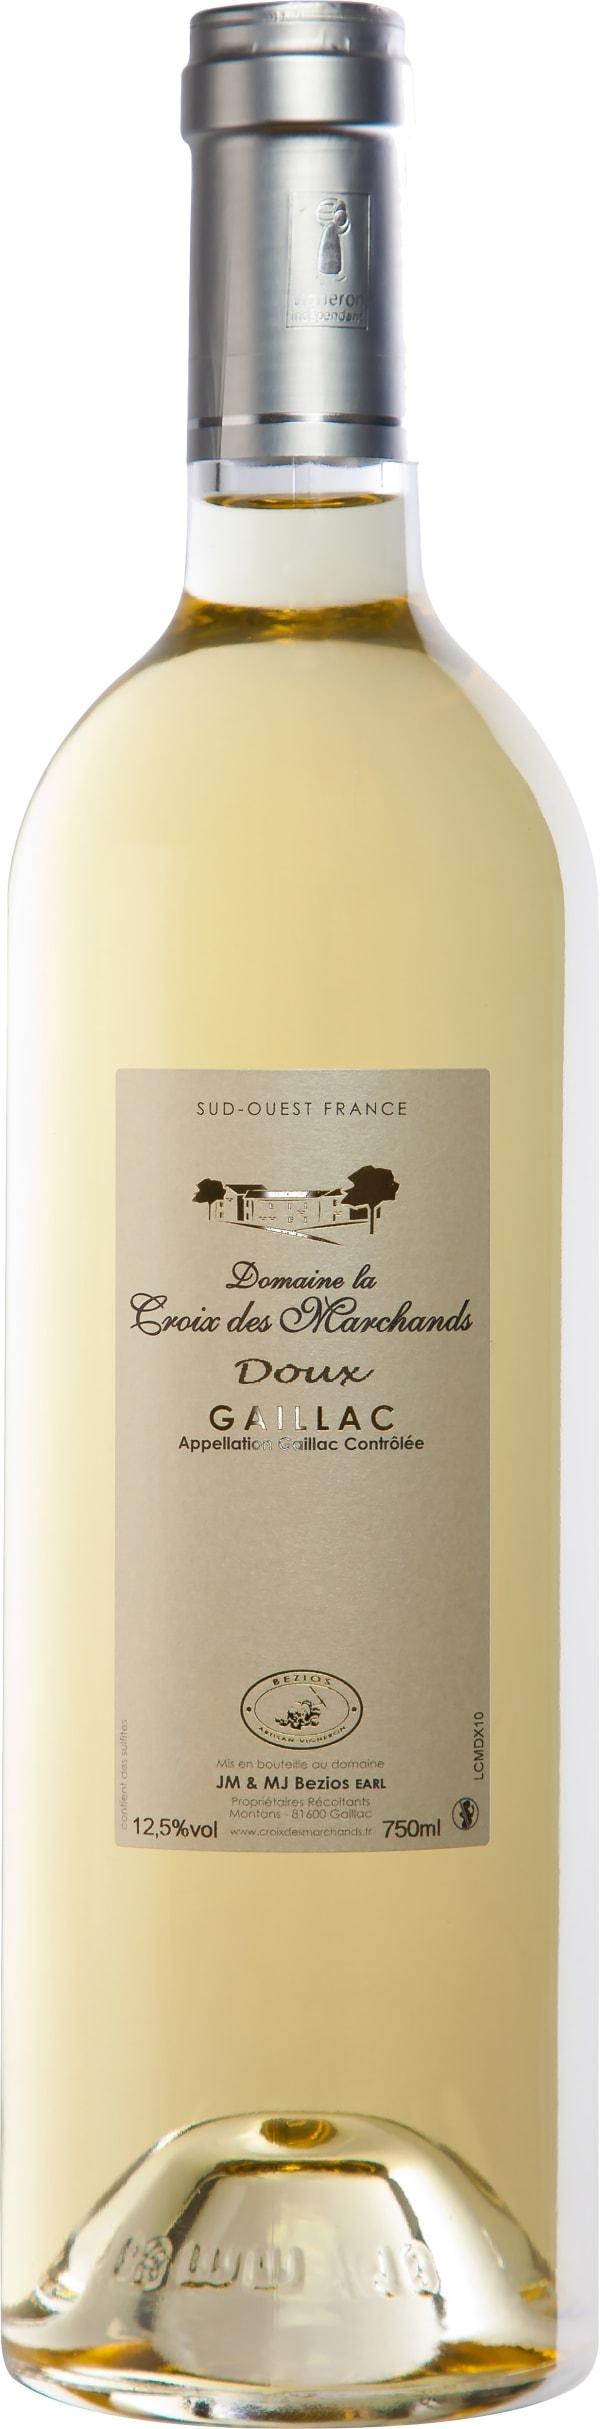 Domaine La Croix Des Marchands Douceur D'Automne Gaillac 2019